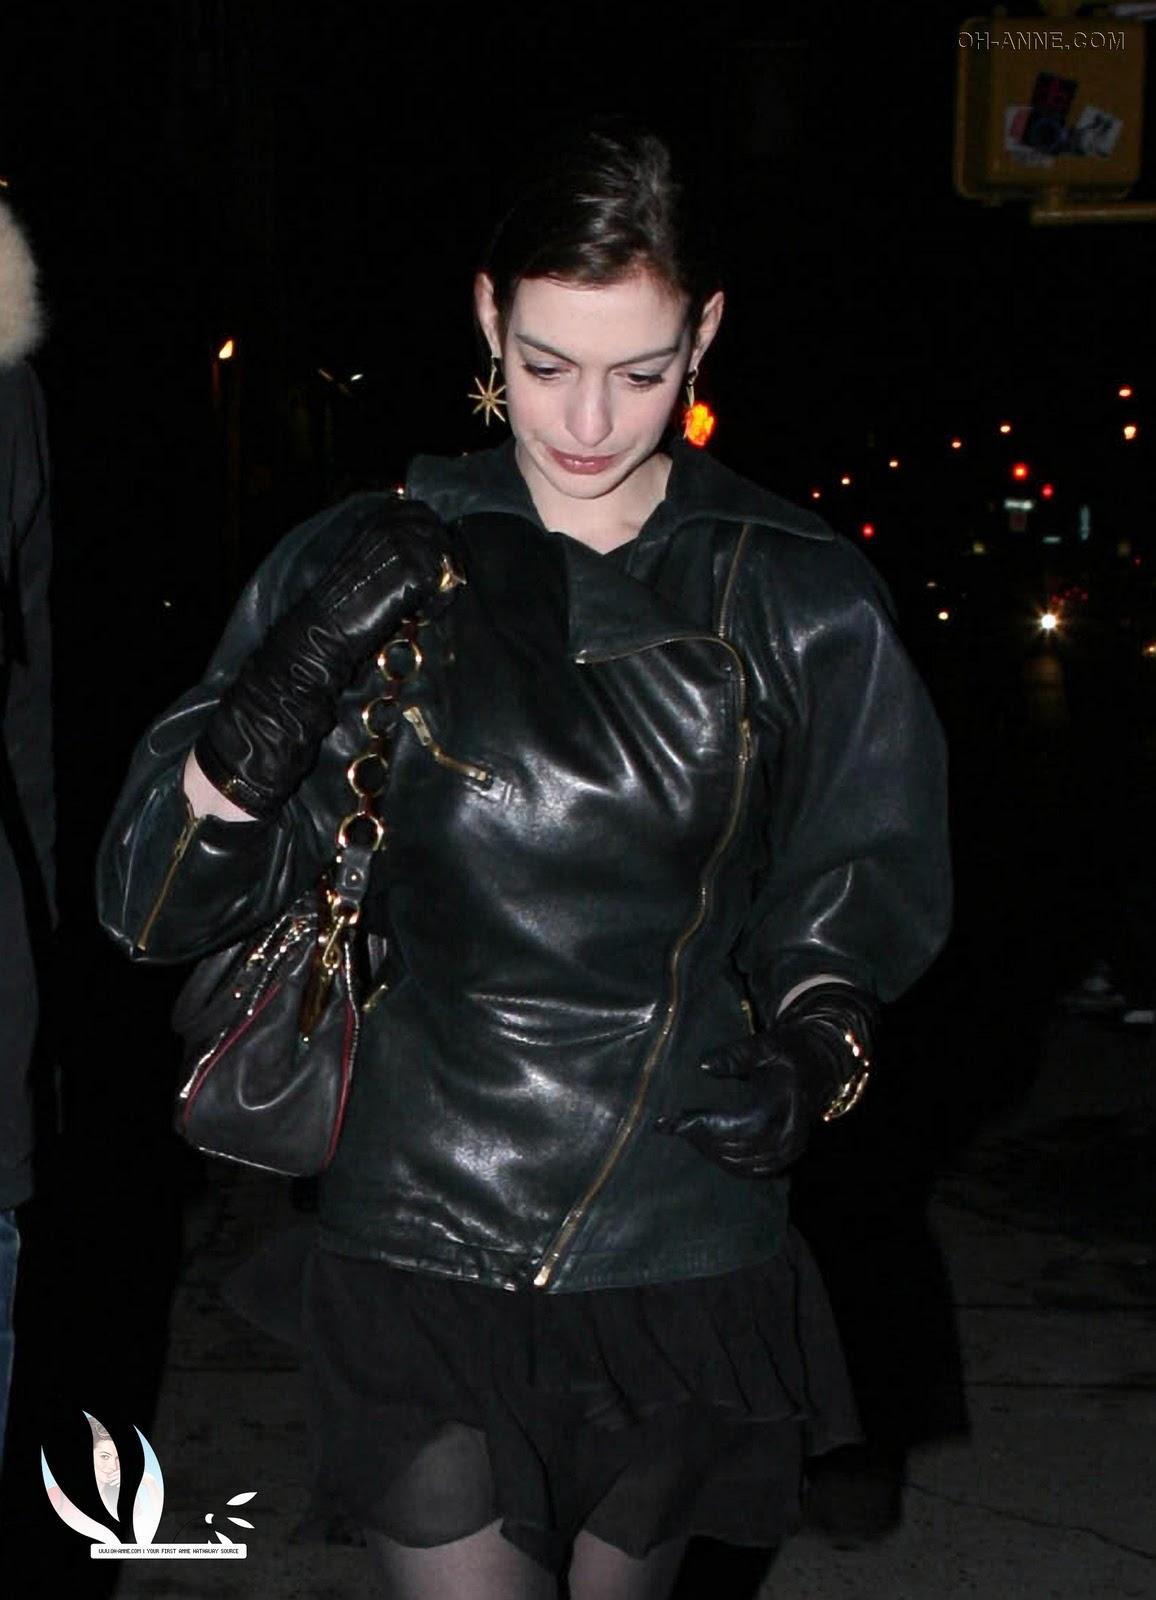 Leather jacket model